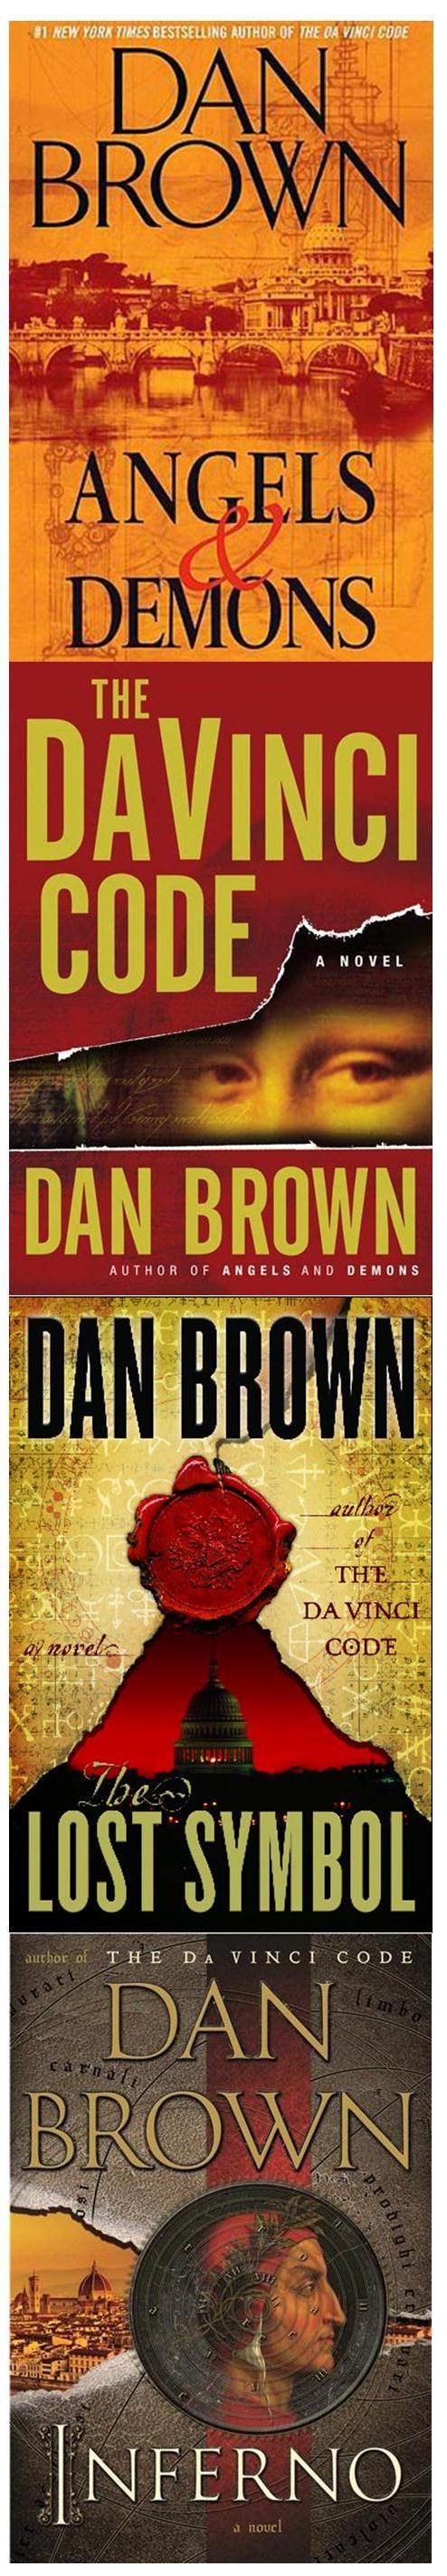 Dan Browns Robert Langdon Series Angels And Demons The Davinci